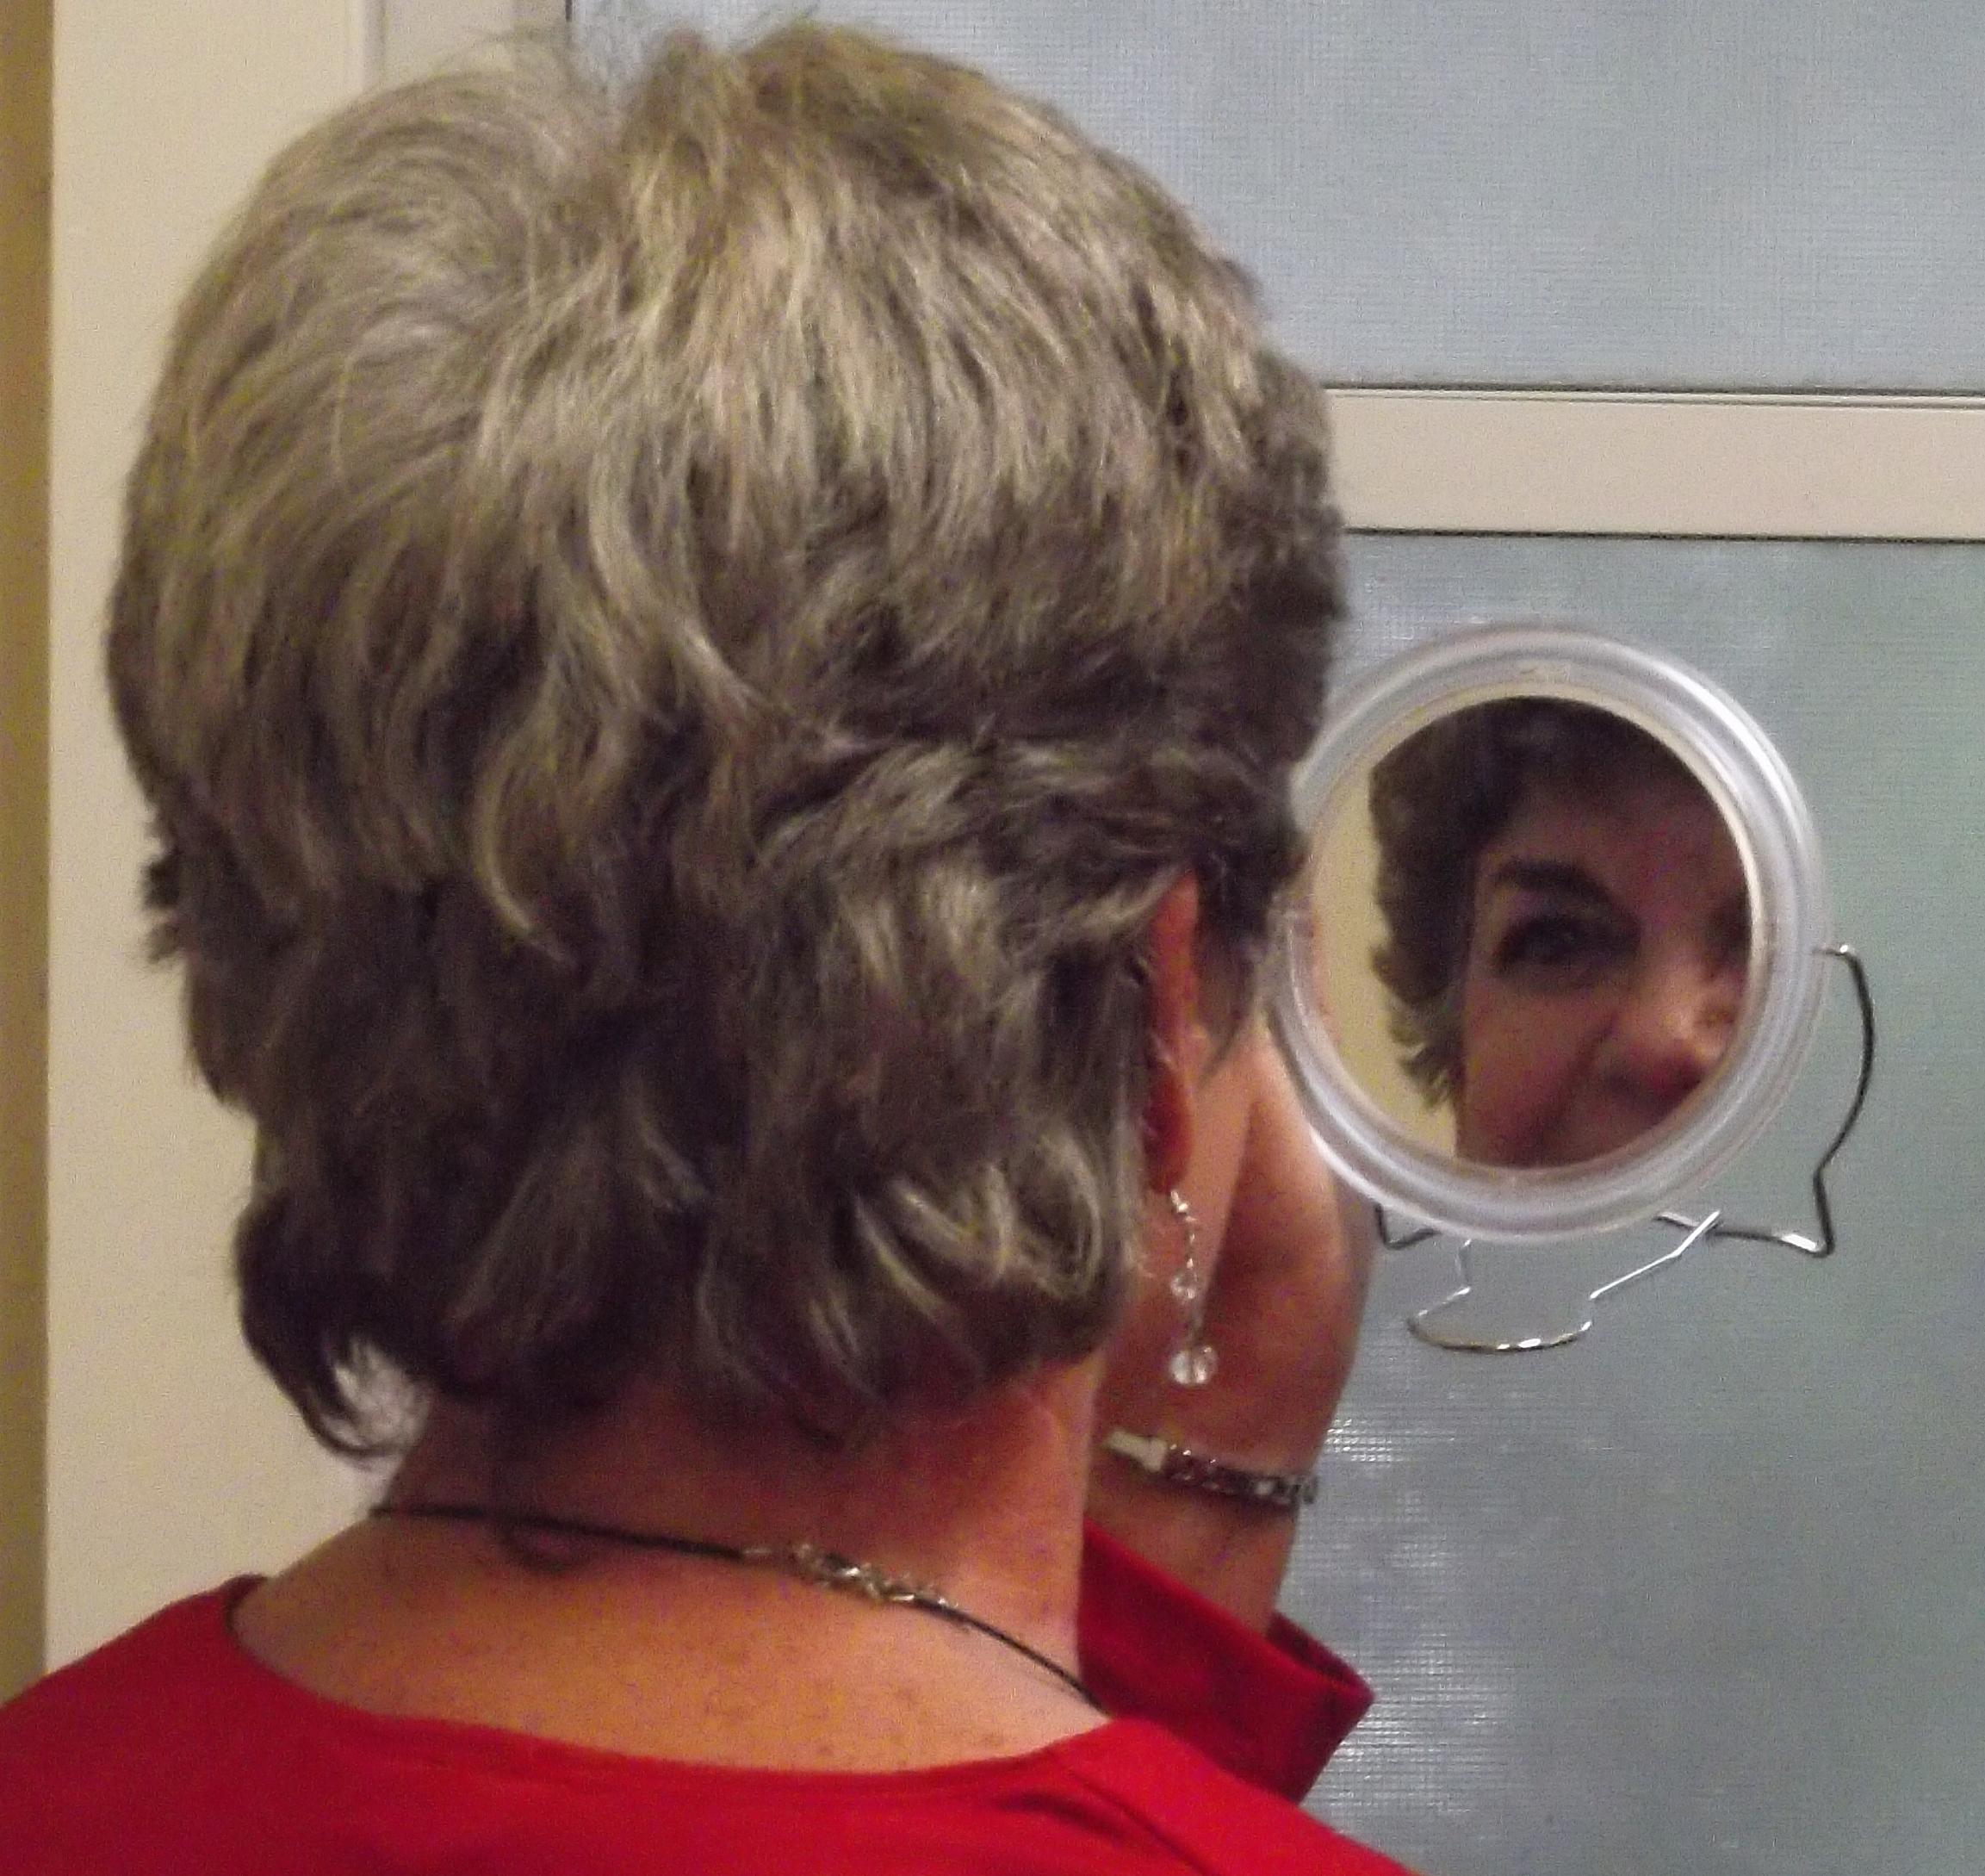 Margie mirror